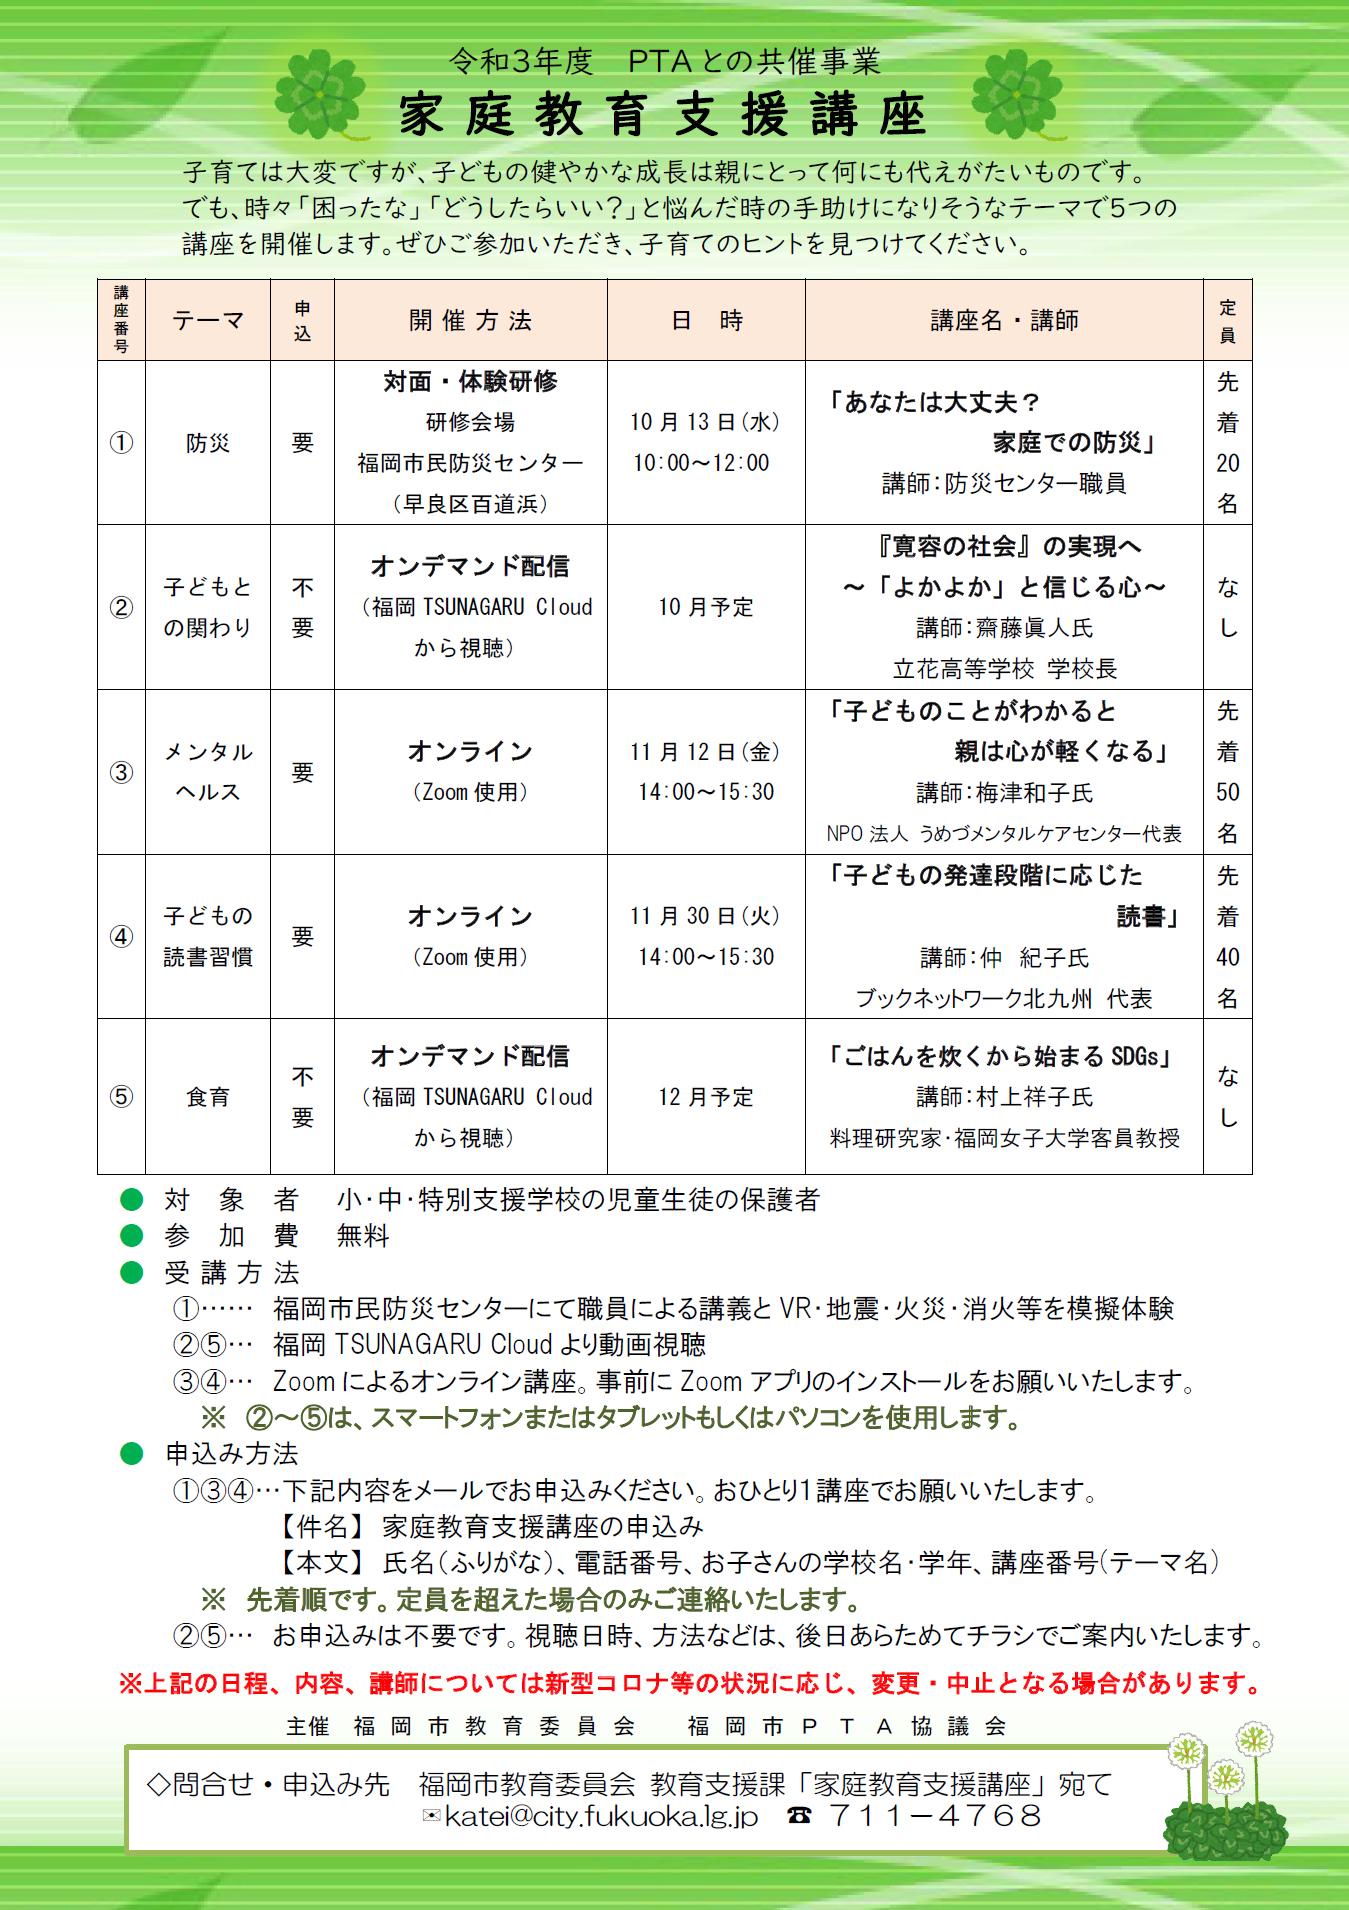 令和3年度 福岡市教育委員会との連携事業 「家庭教育支援講座」の実施について